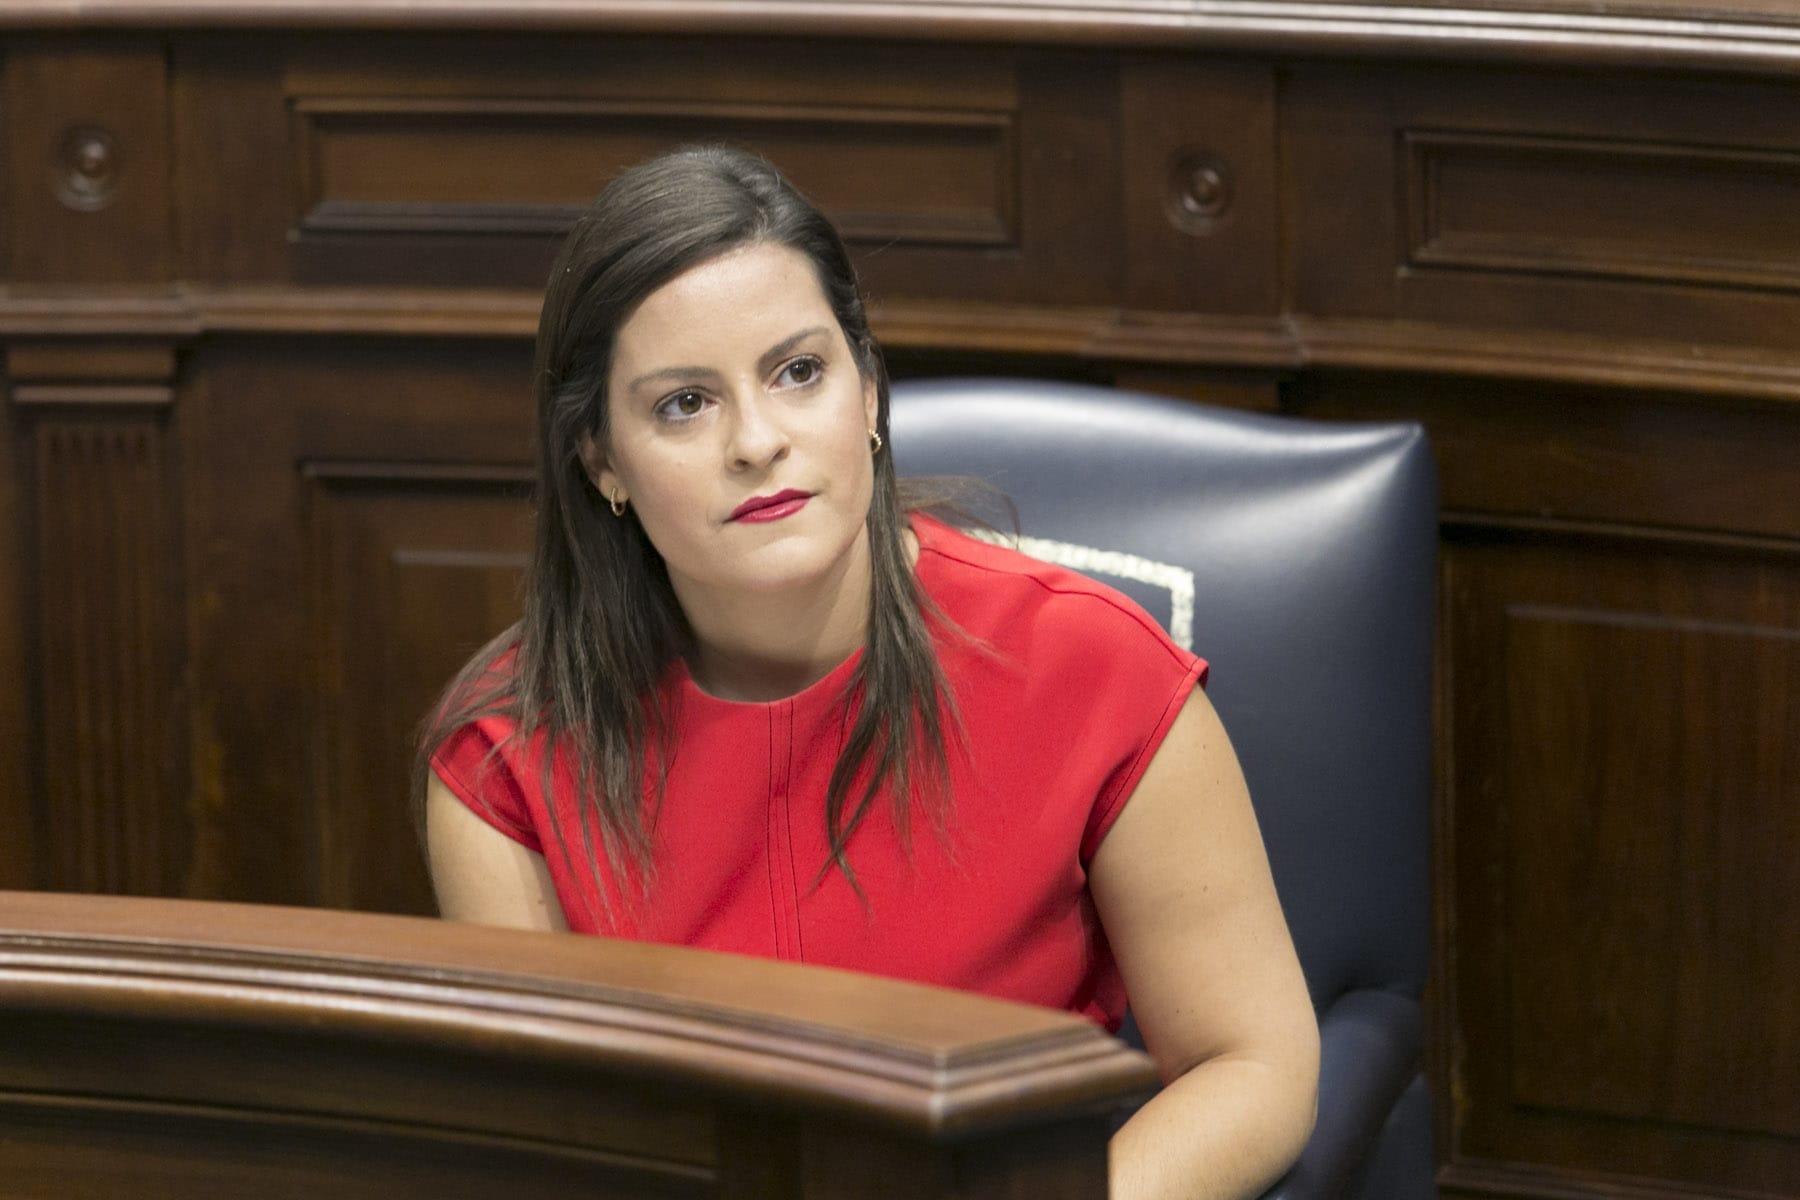 Canarias propone un acuerdo de garantías de reciprocidad sanitaria entre regiones para impulsar el turismo nacional